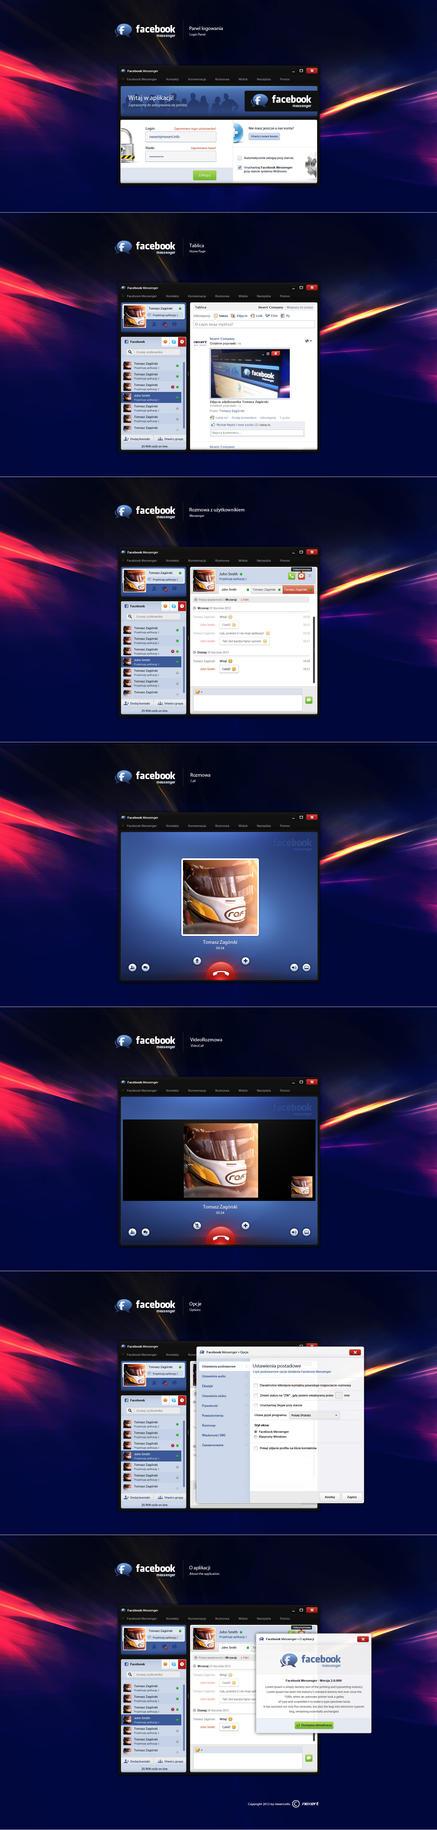 Unofficial Facebook Messenger - final by Nexert